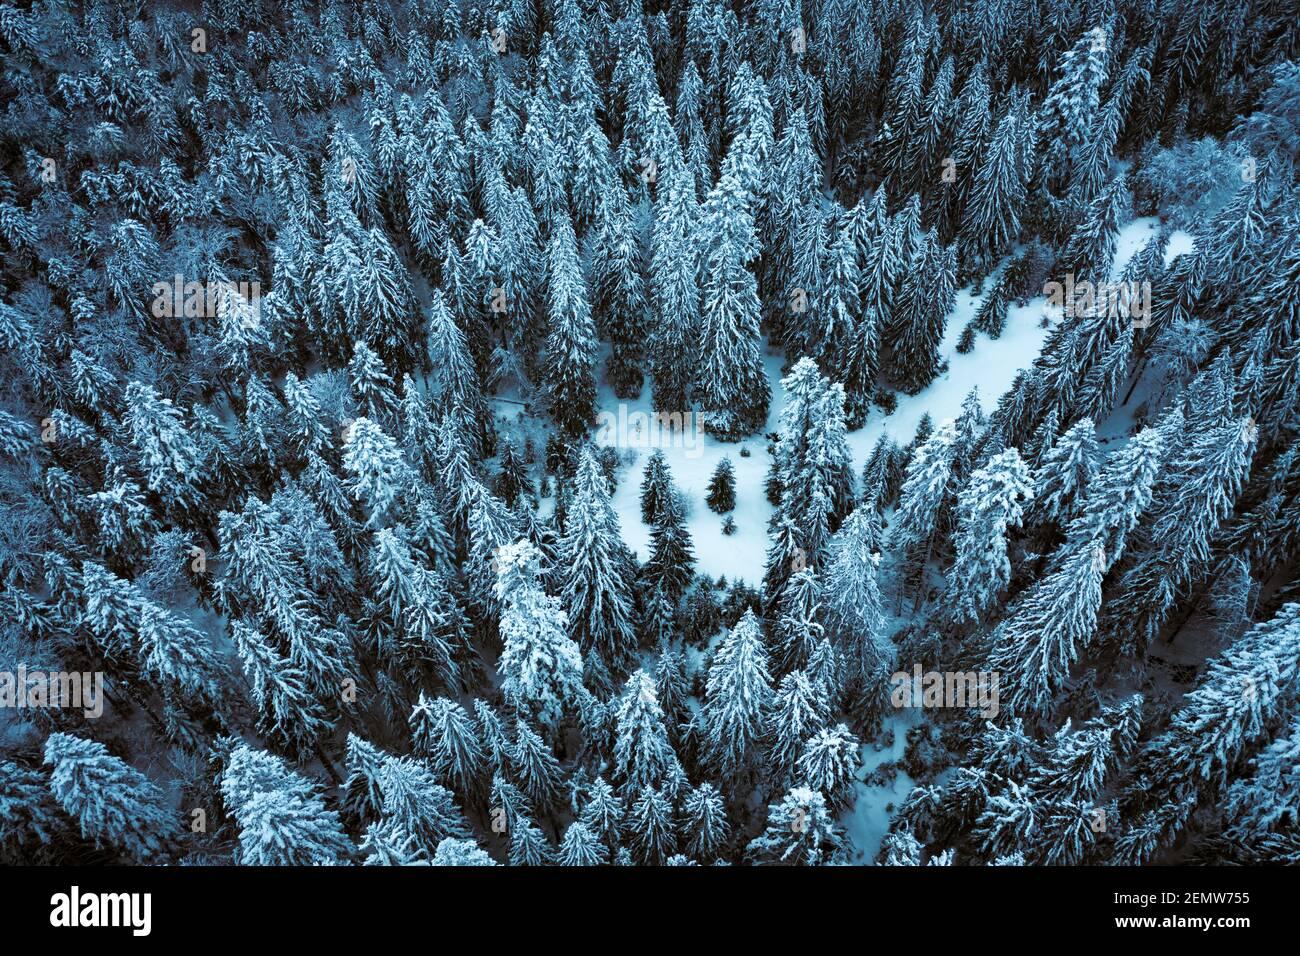 Une drone aérienne survole l'épinette d'hiver et la forêt de pins. Sapins dans la vallée des montagnes couverts de neige. Photographie de paysage Banque D'Images